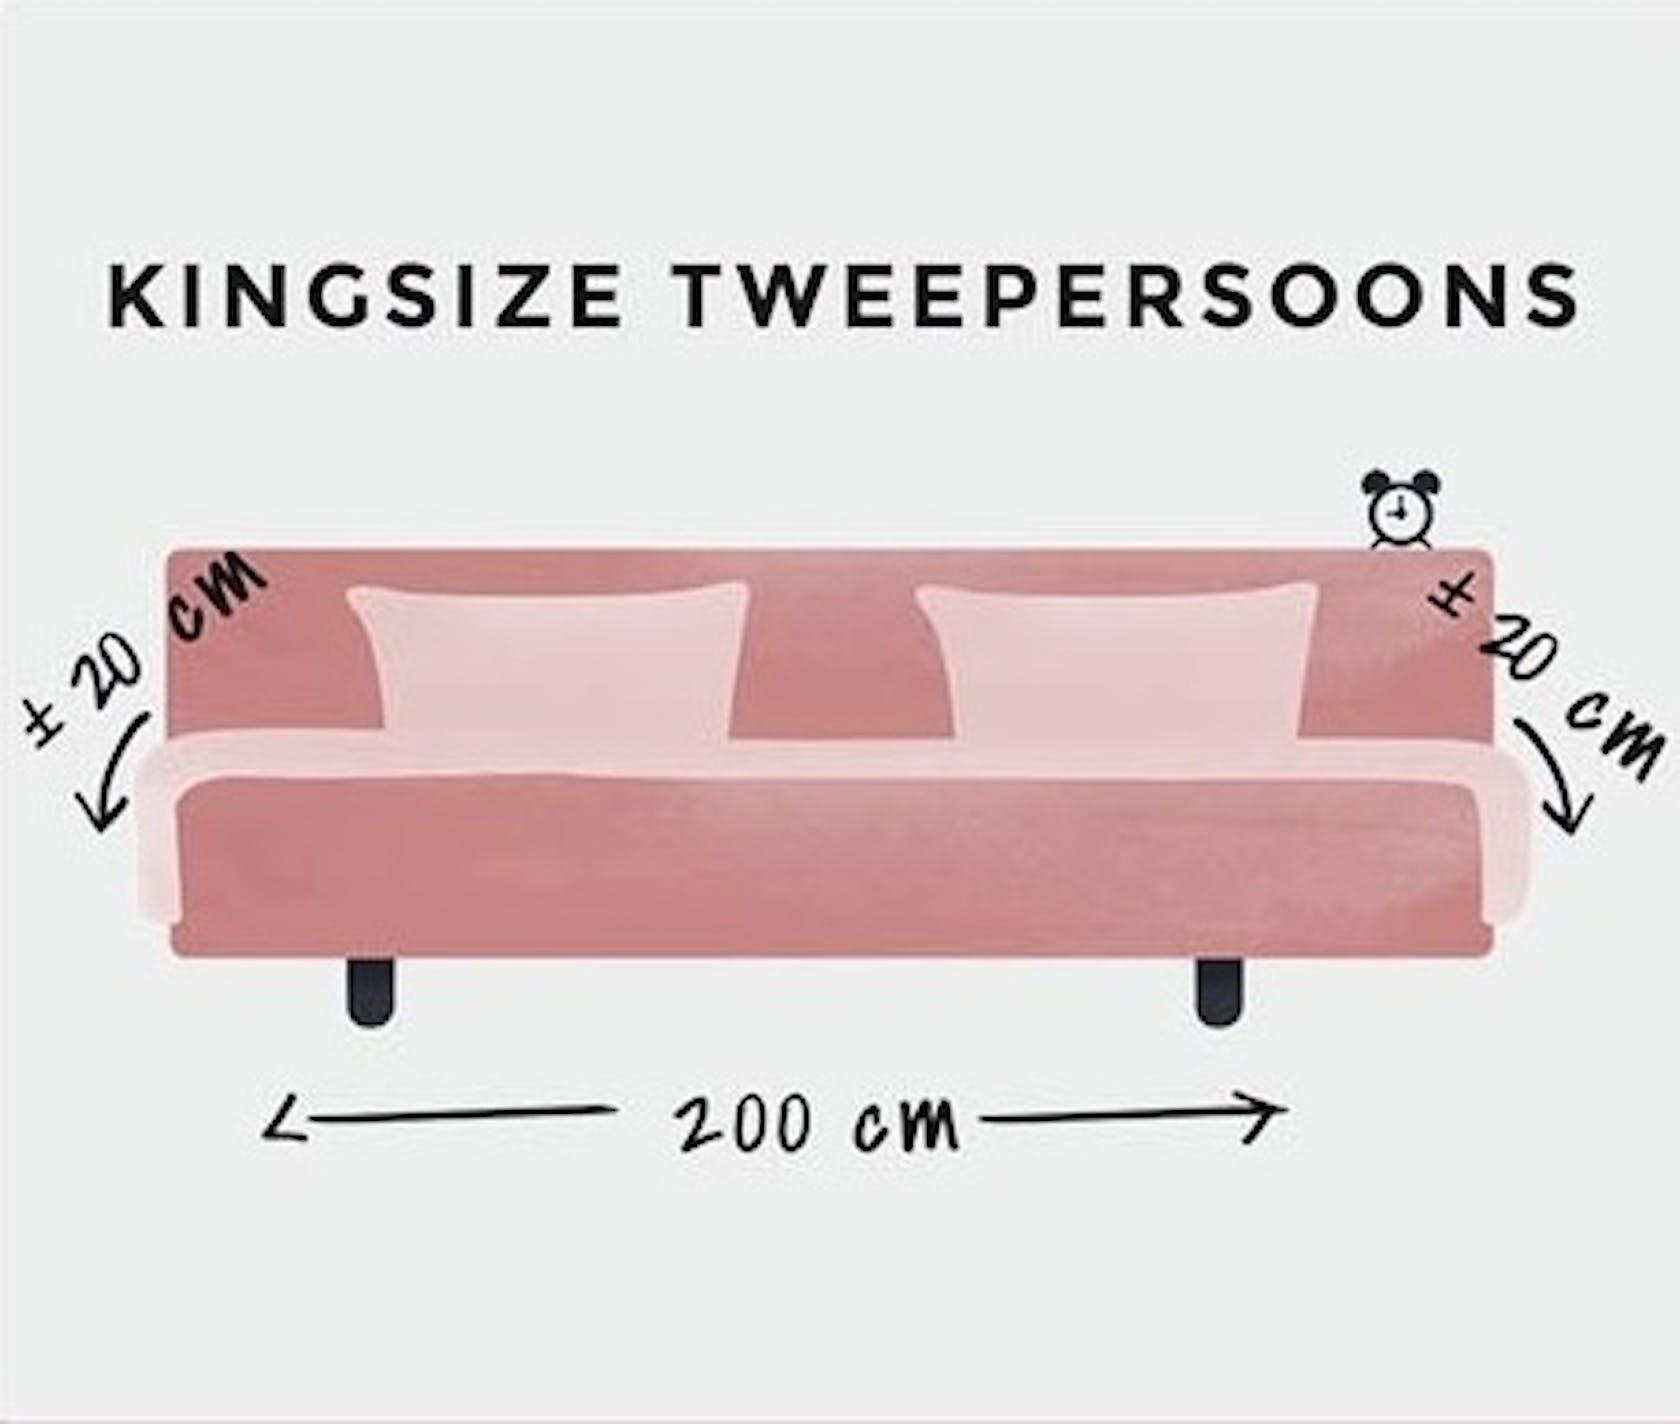 Kingsize tweepersoons